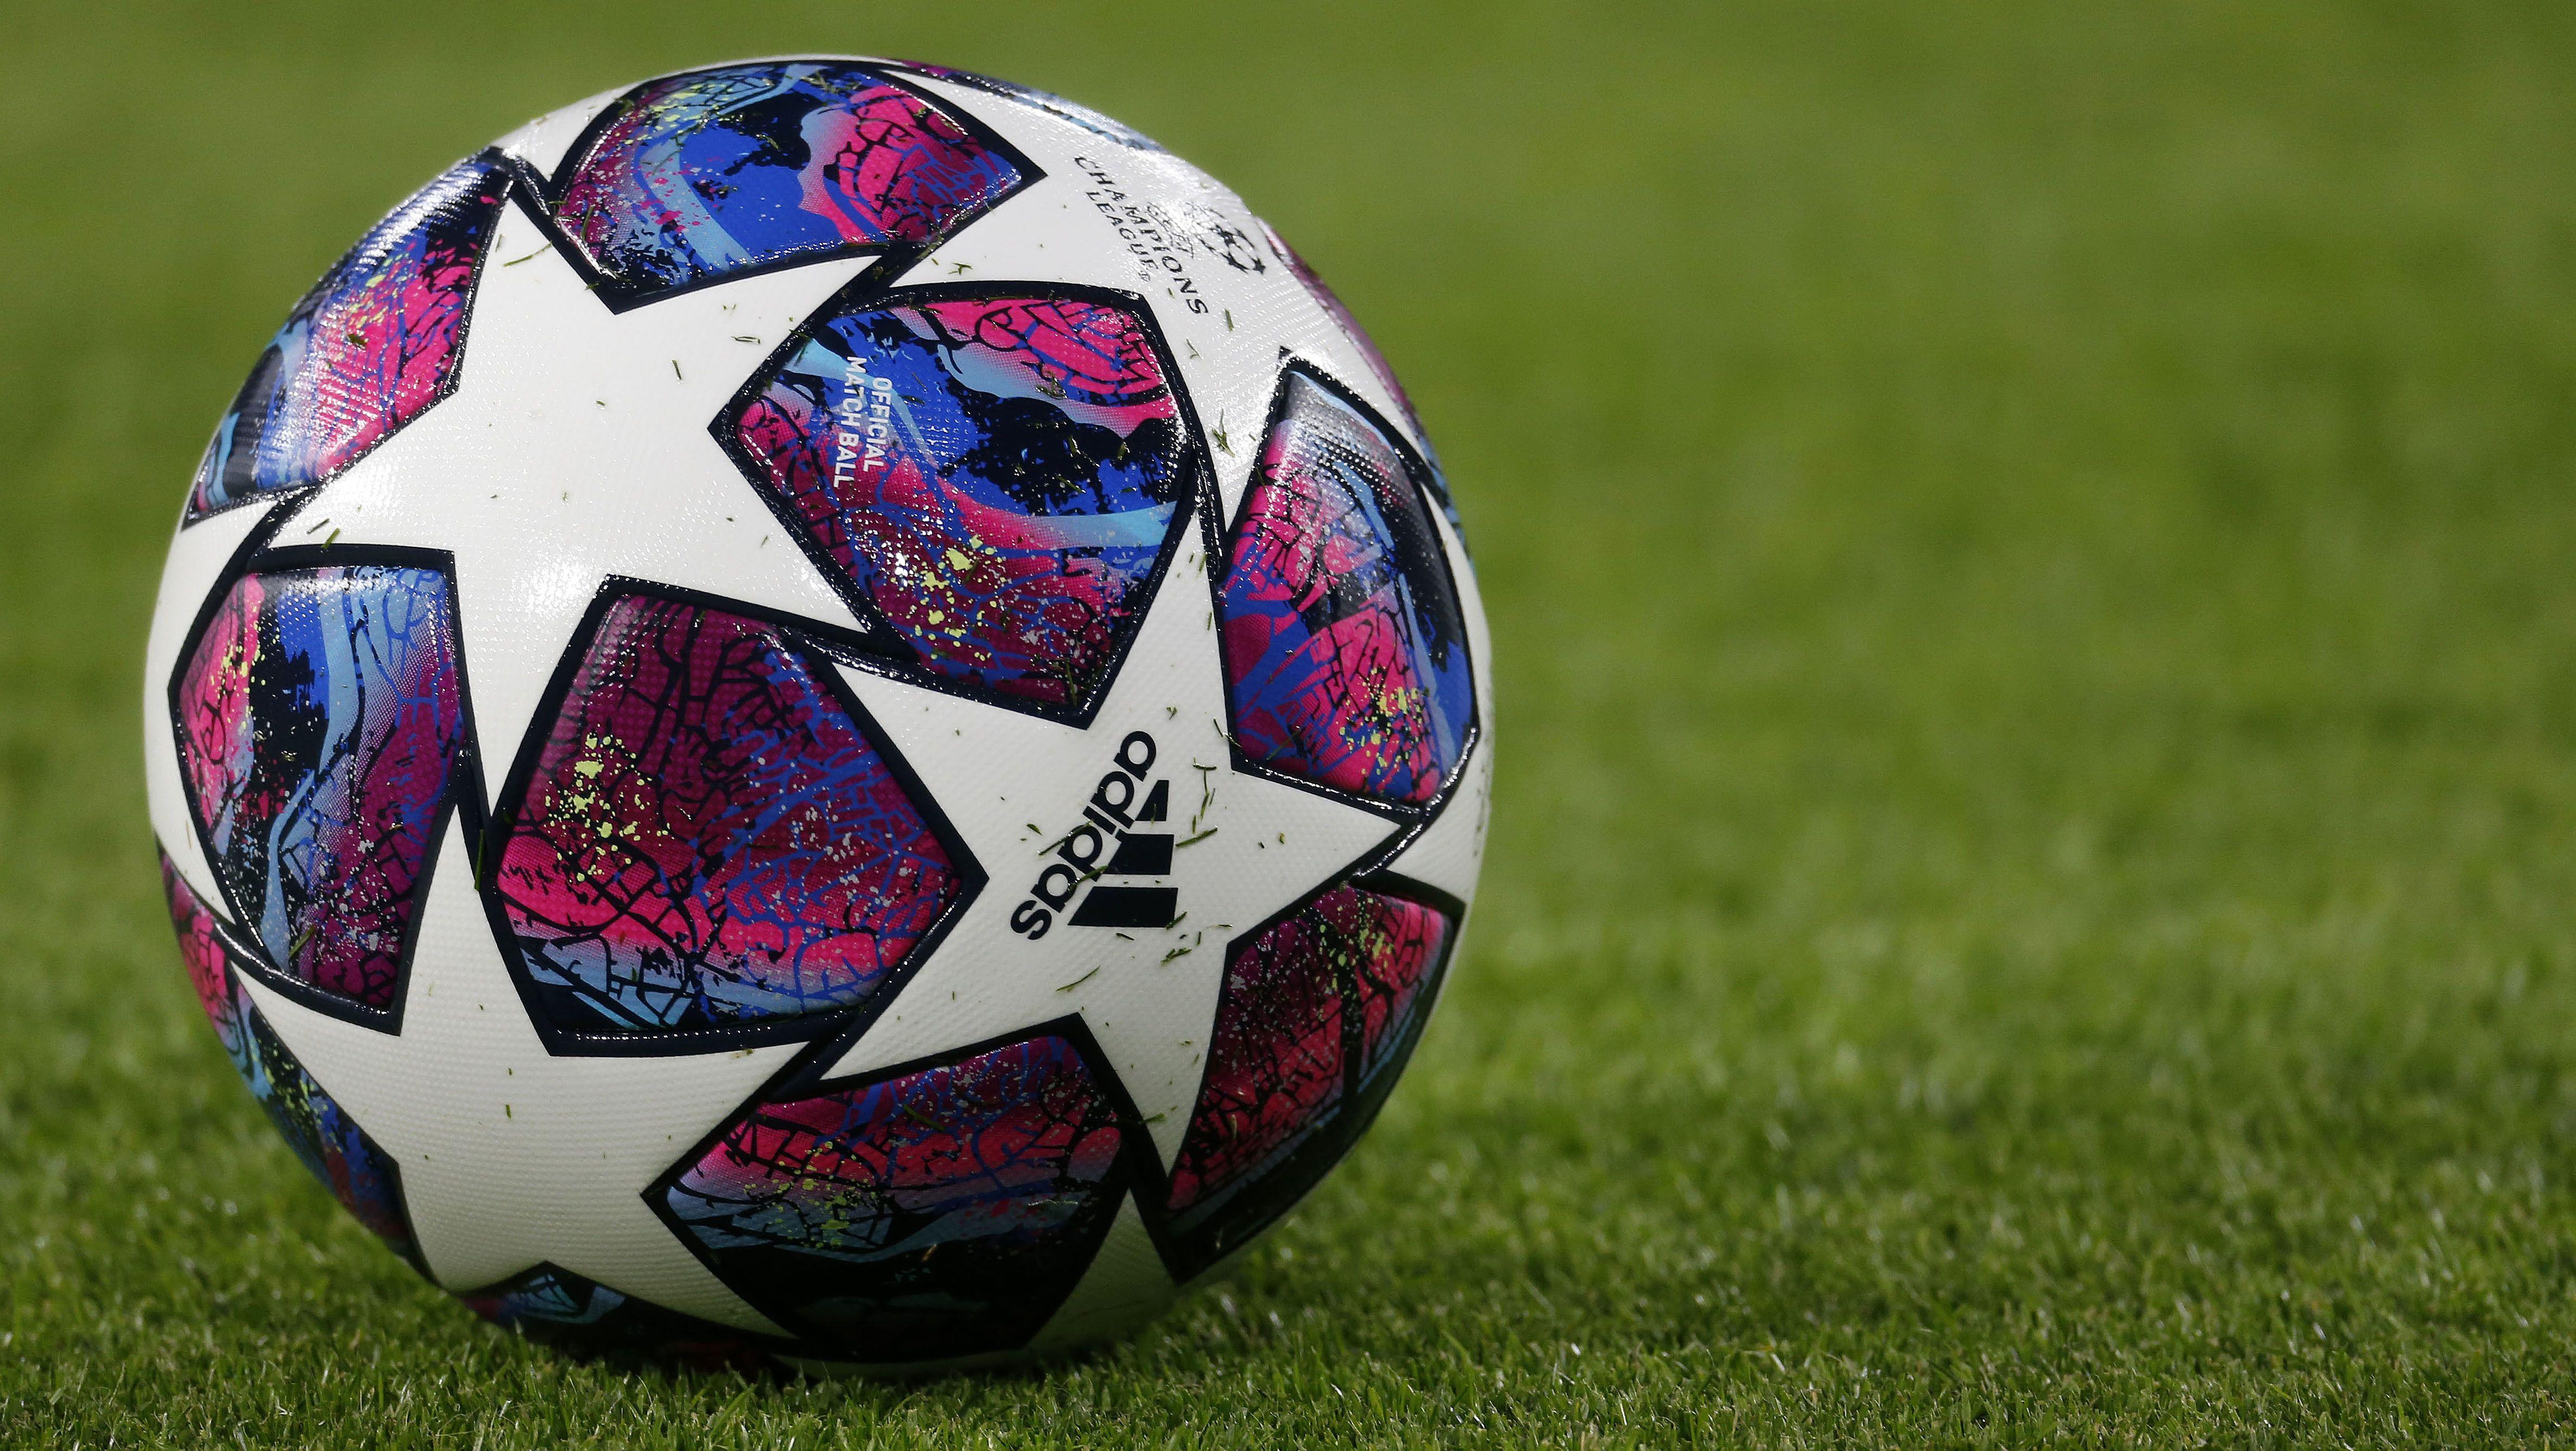 Die UEFA beriet sich am Donnerstag in einer Videokonferenz